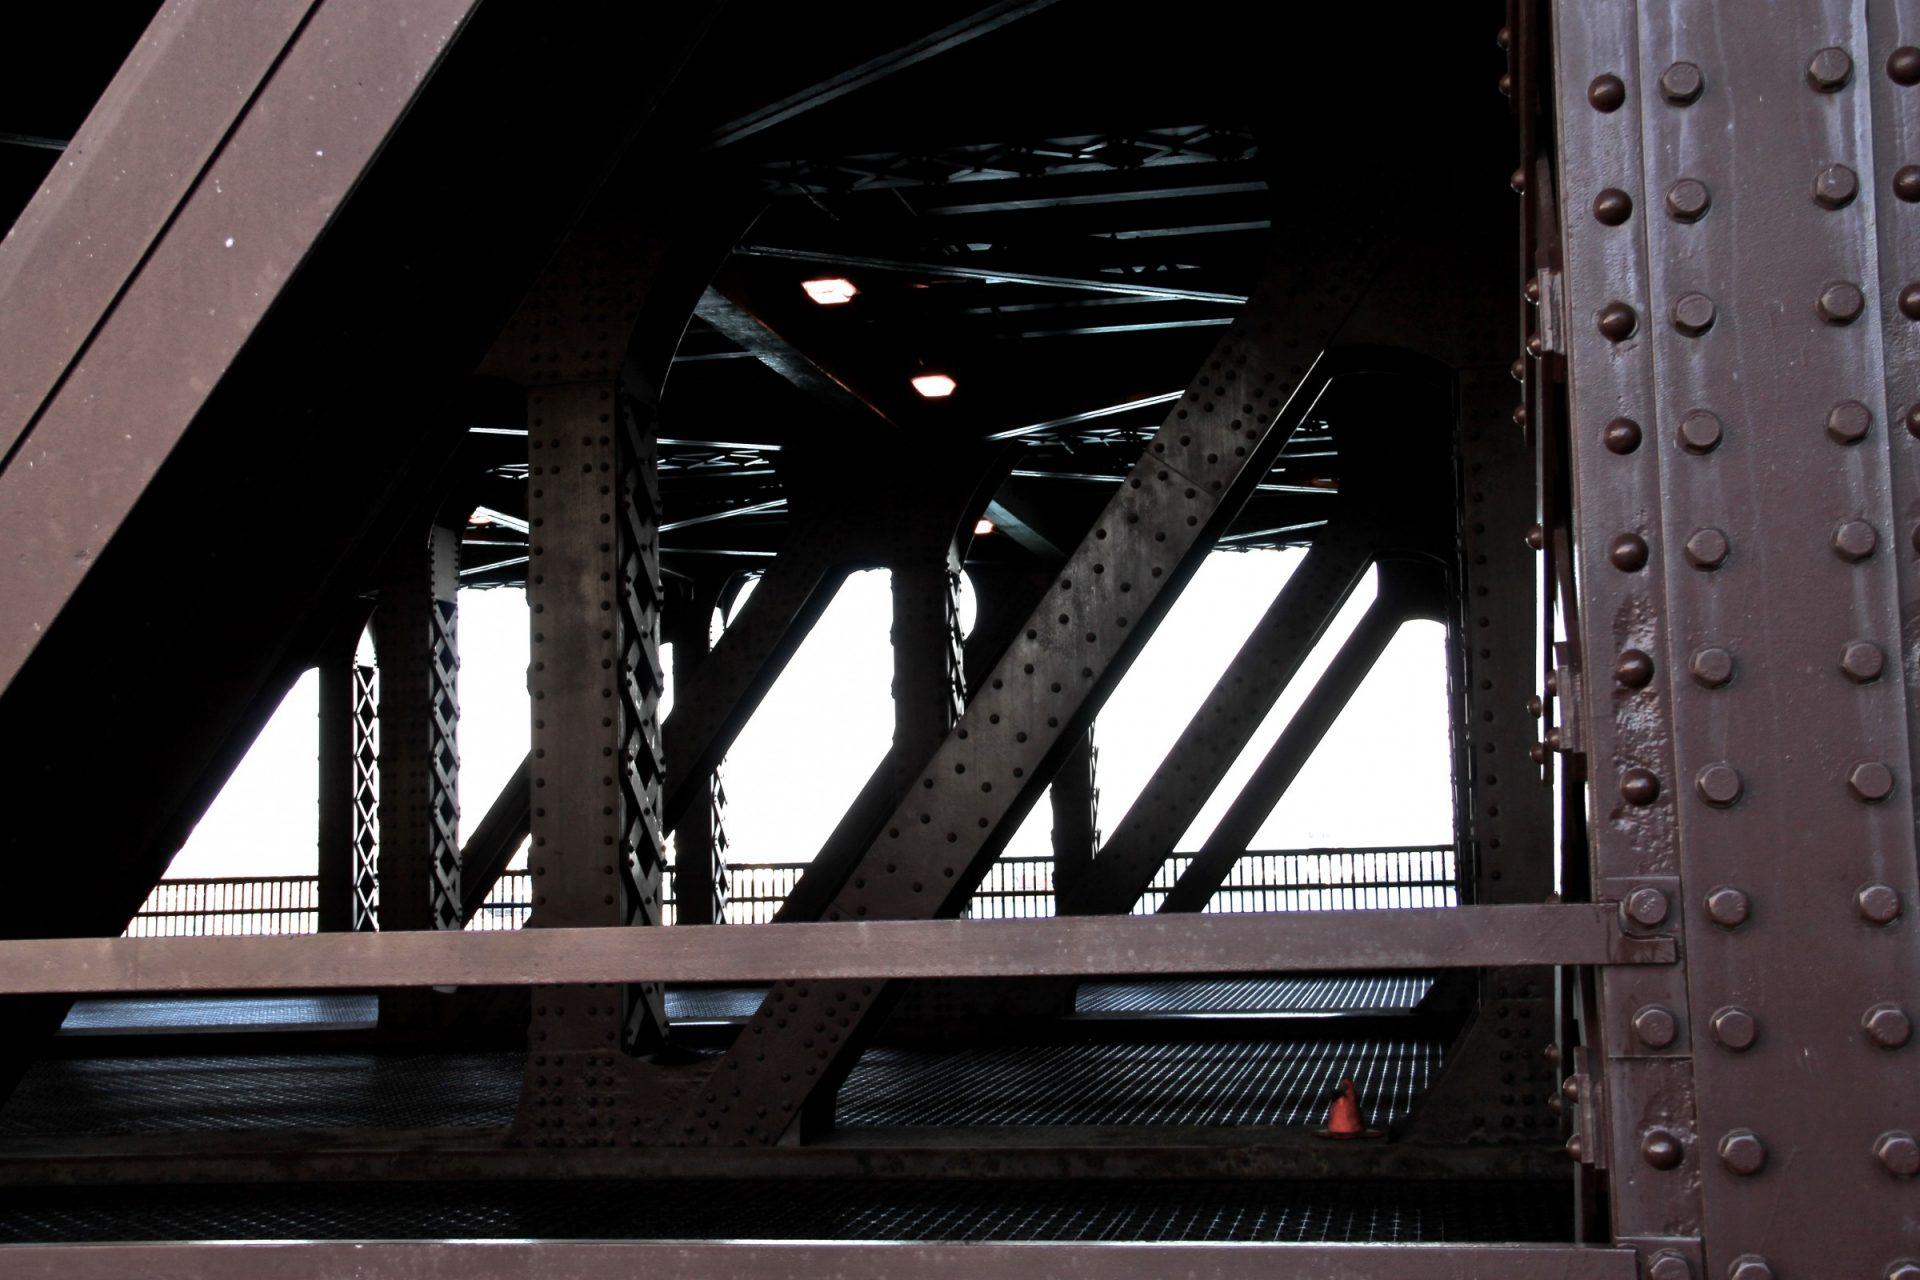 Metal Diagonal Beams on Bridge